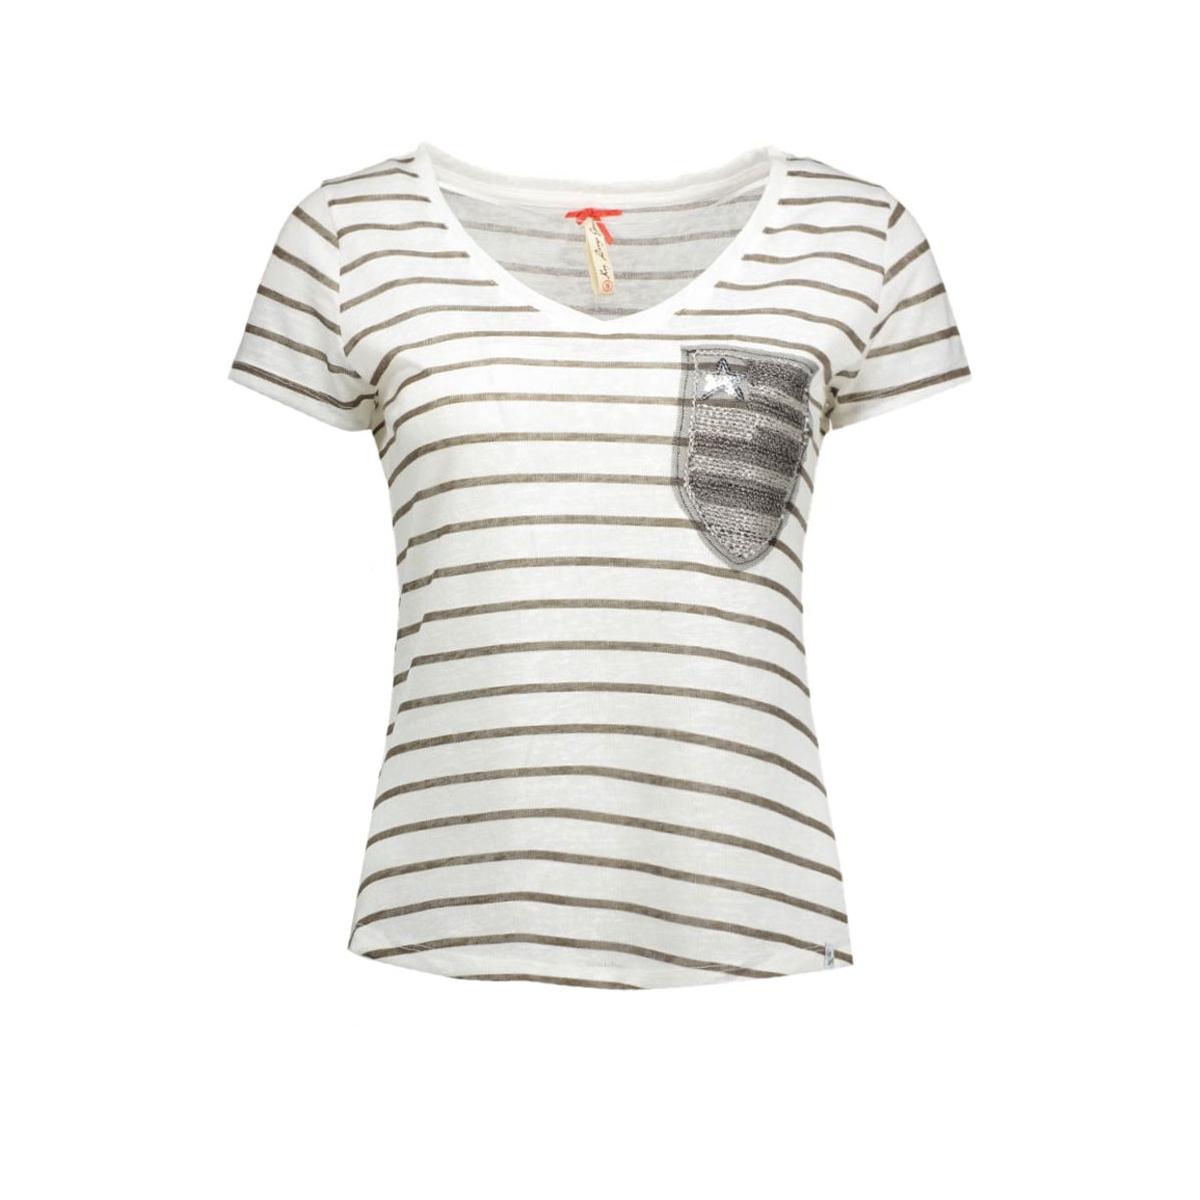 dt00738 key largo t-shirt off-white